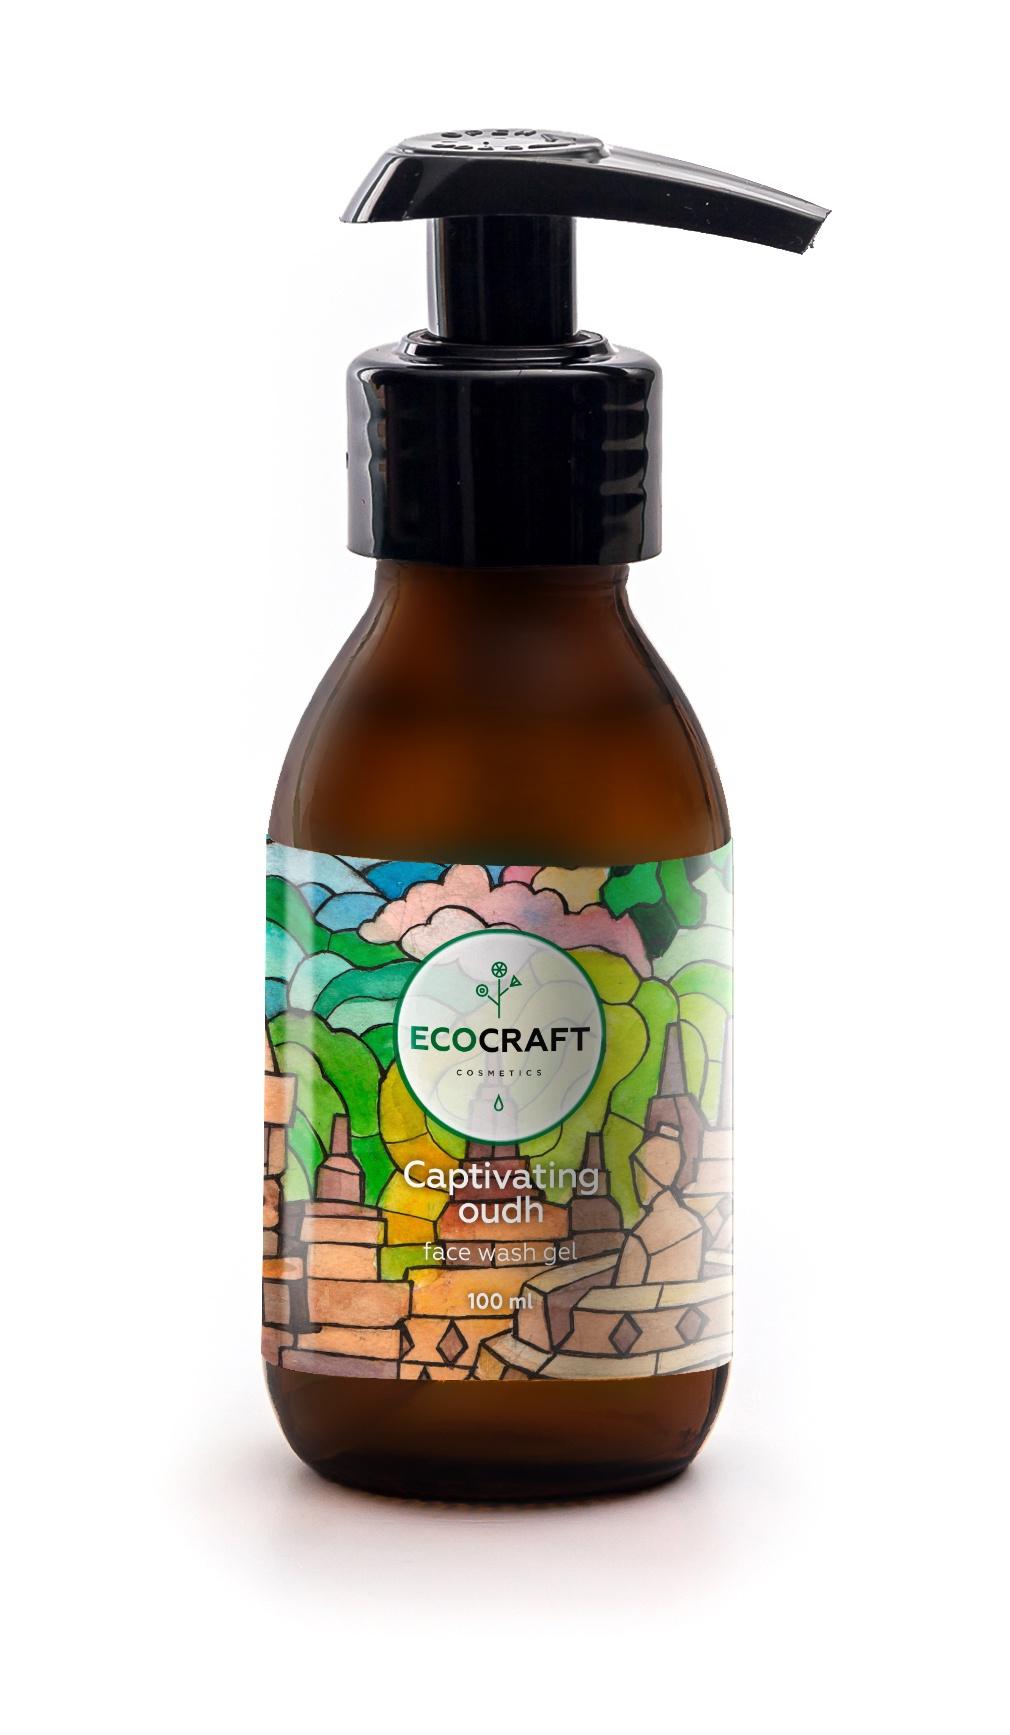 Гель для умывания с лифтинг-эффектом для зрелой кожи Пленительный уд, 100 мл, ECOCRAFT ECOCRAFT Cosmetics